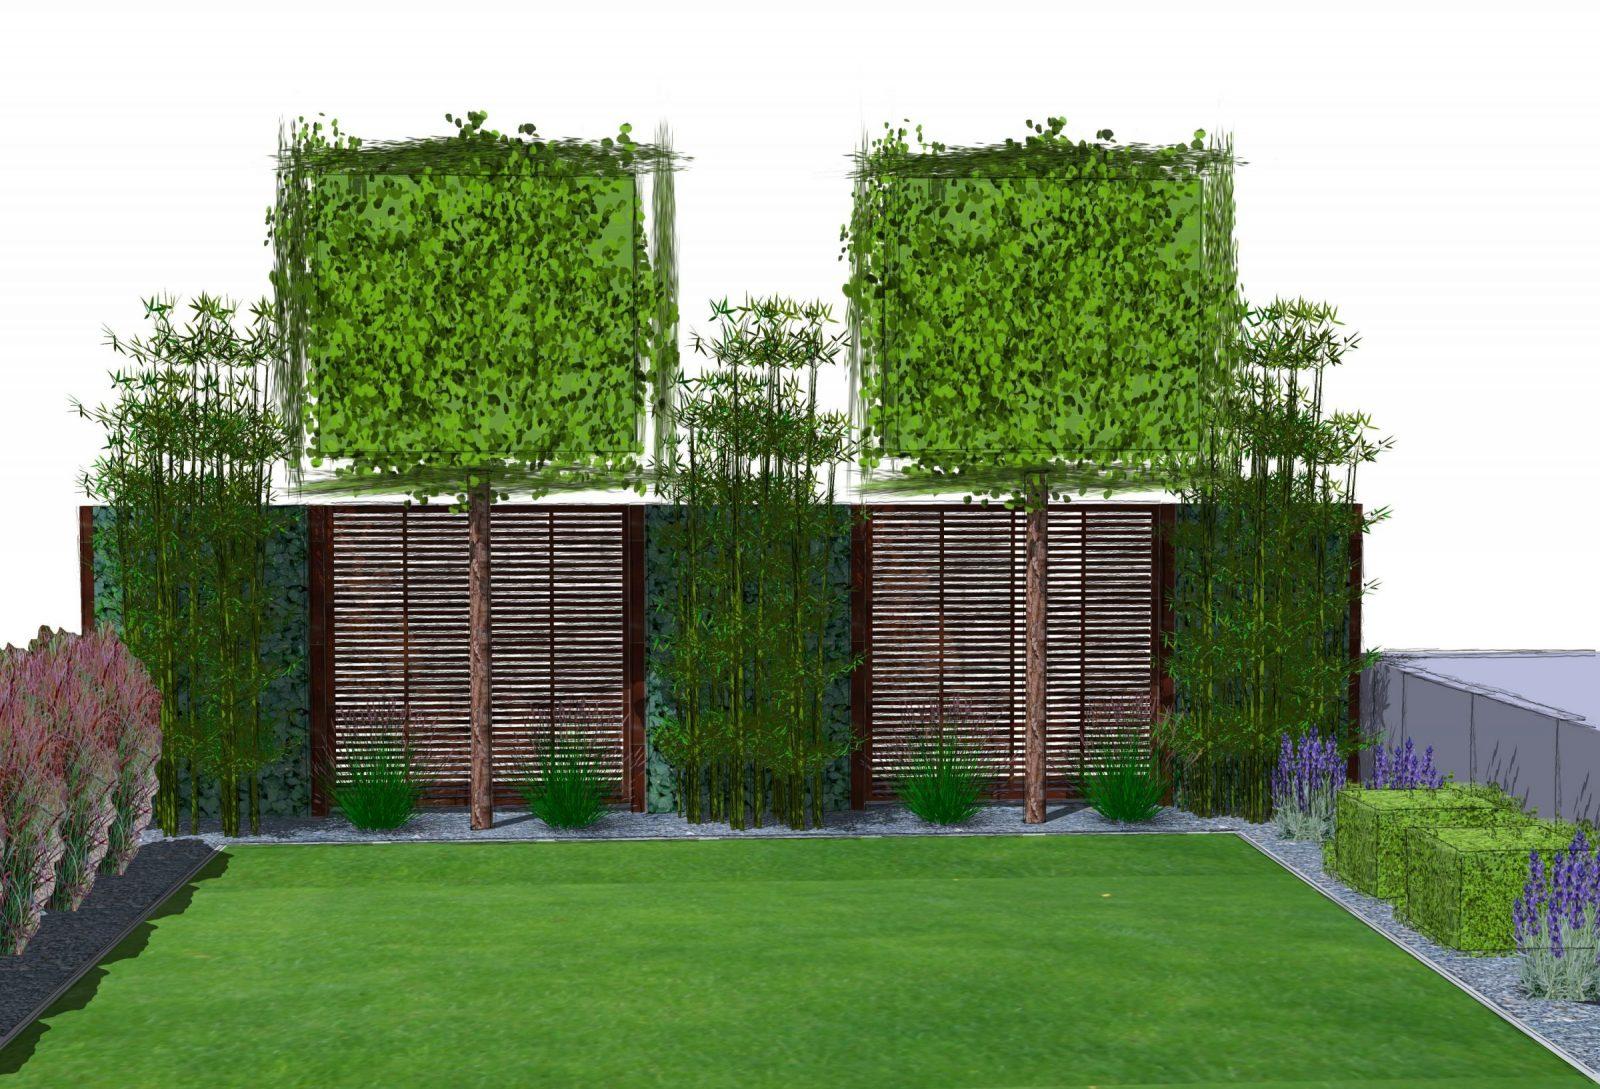 Moderner Sichtschutz Im Garten  News Informationen Und Praxistipps von Moderner Sichtschutz Für Den Garten Bild